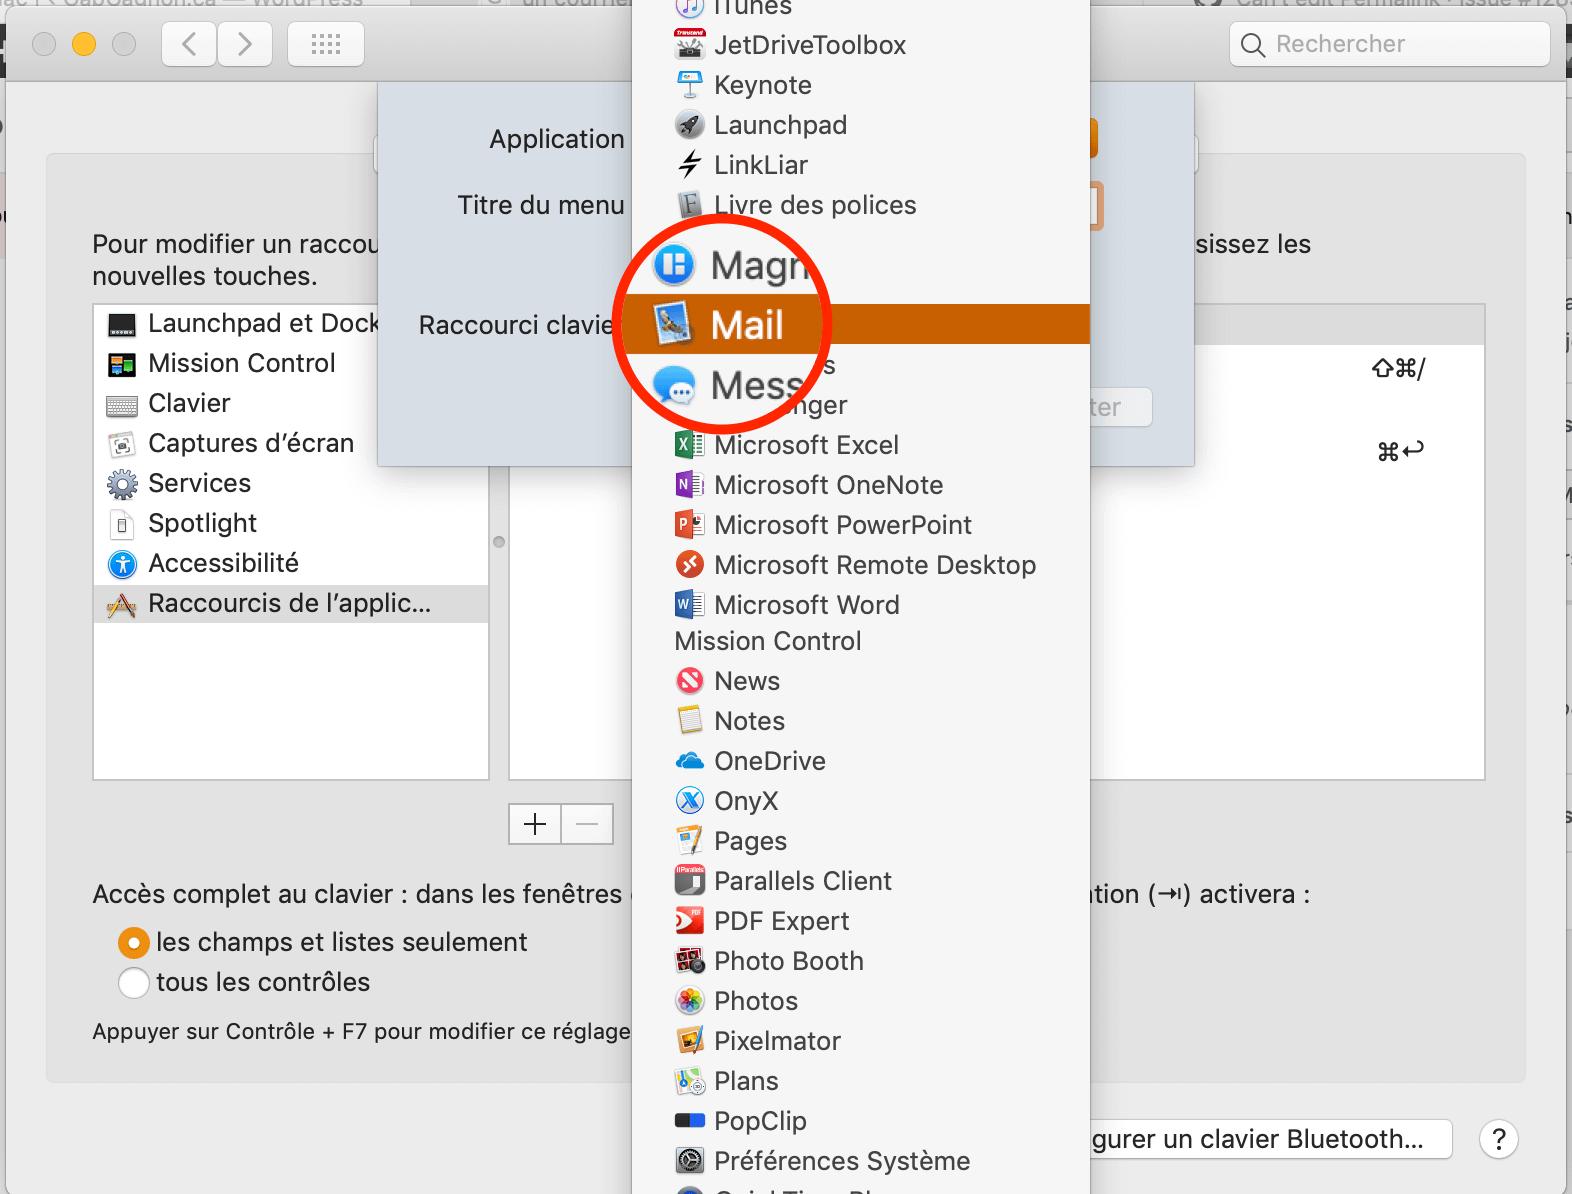 Choisir l'app Mail dan les préférences système